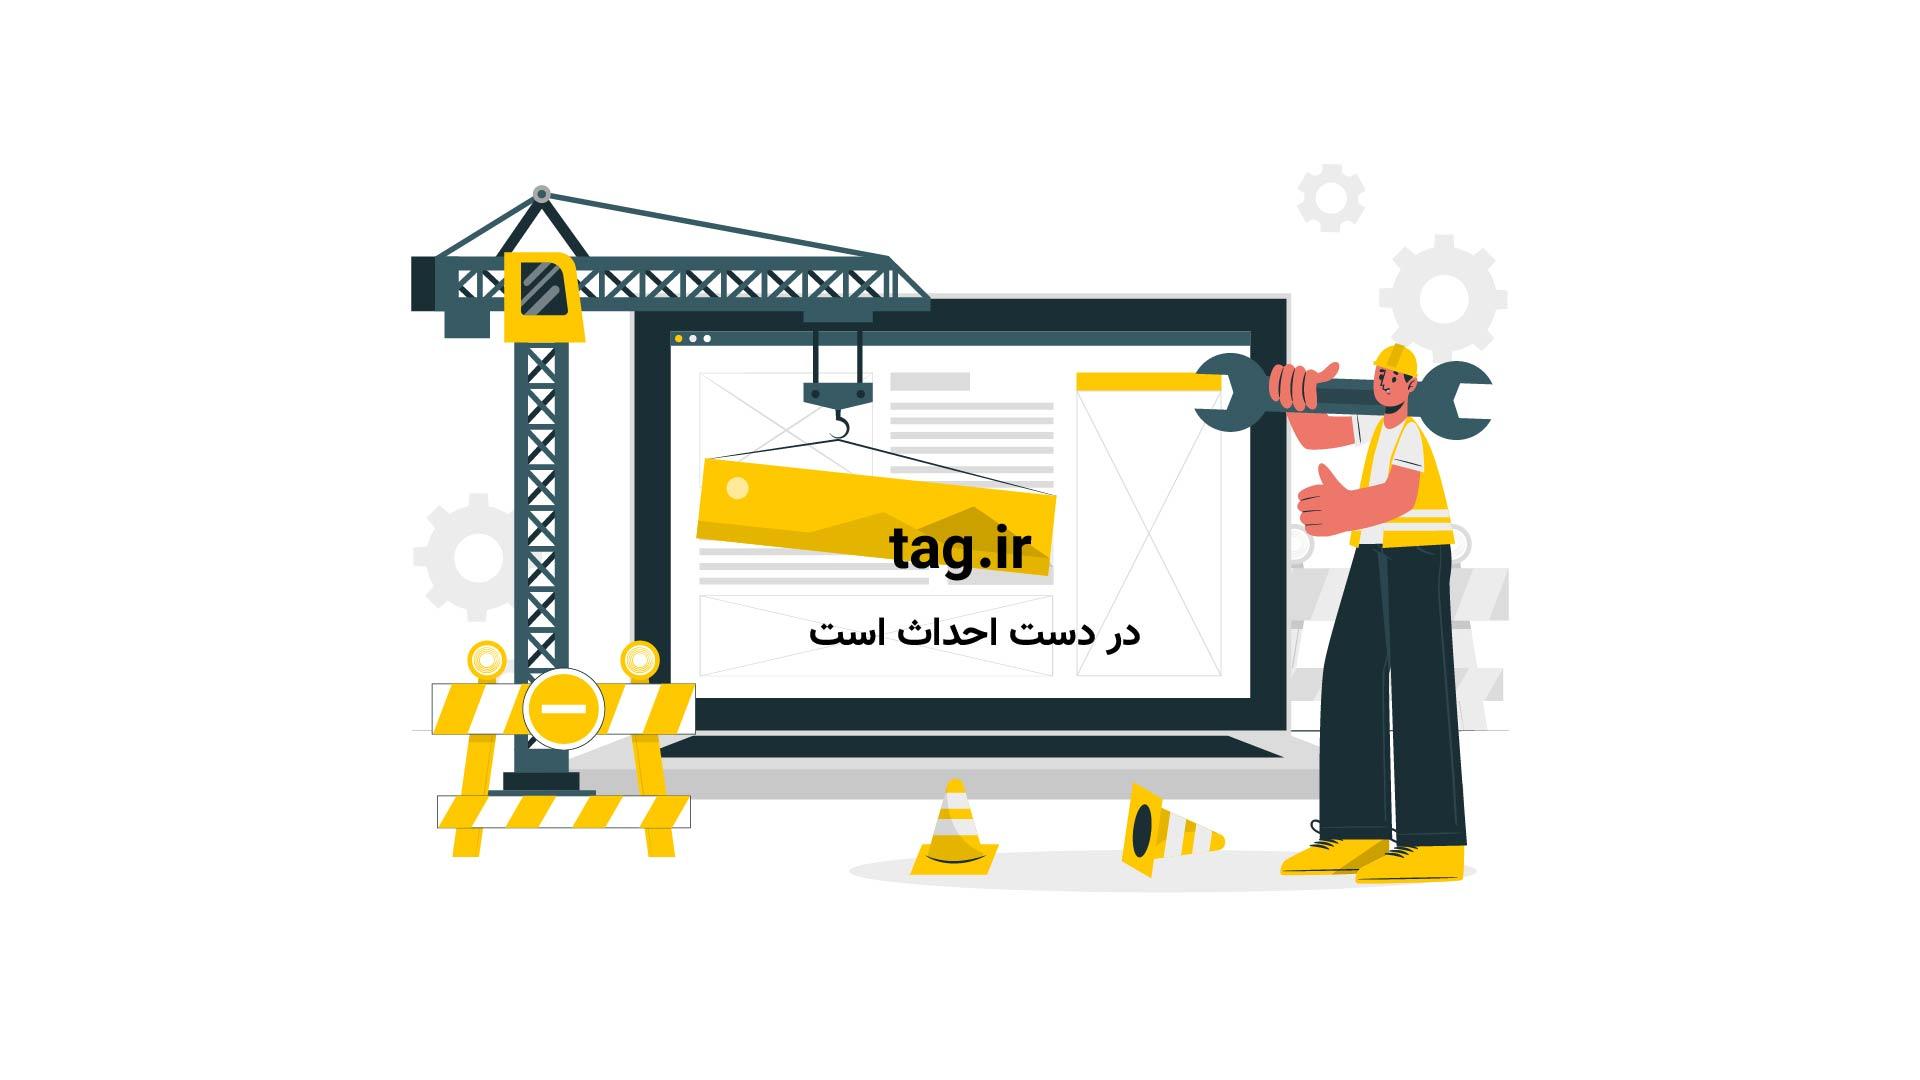 لحظه درگذشت پیر غلام اهل بیت(ع) در حین اجرای تعزیه | فیلم